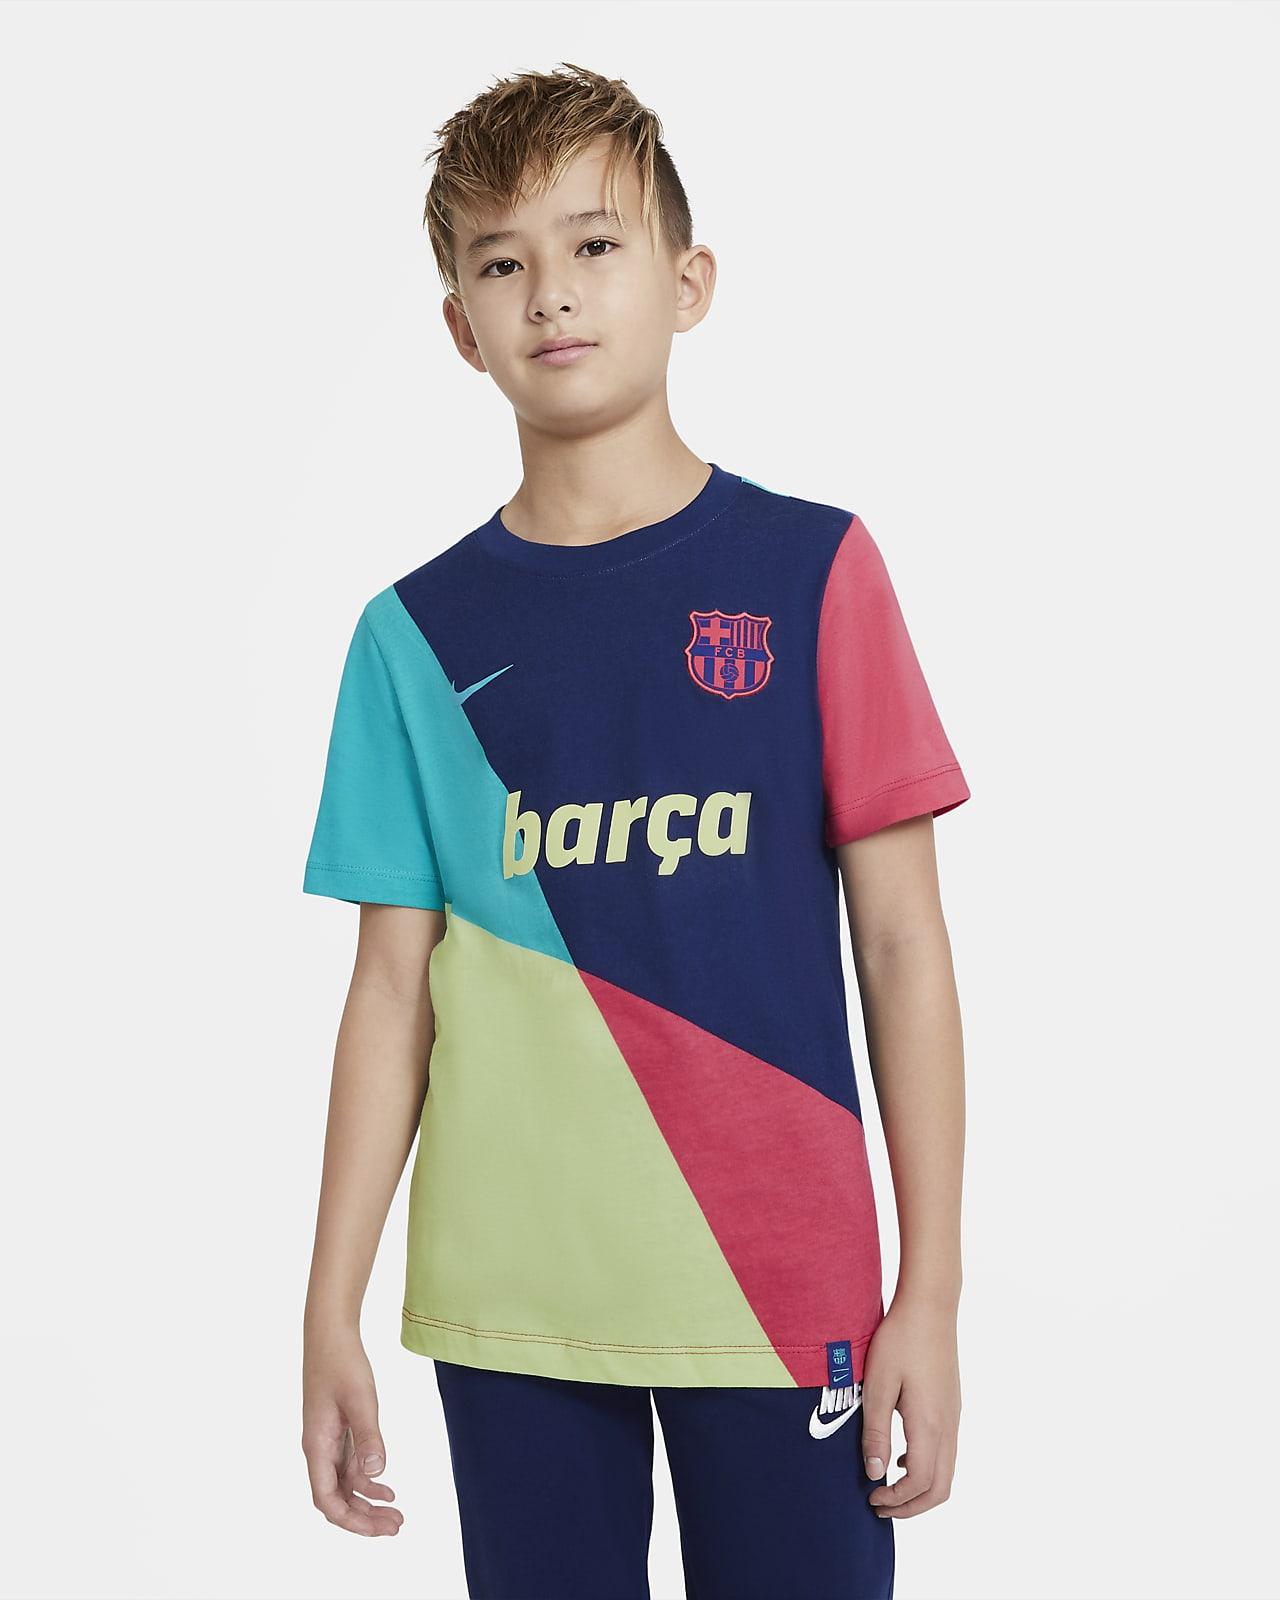 Ποδοσφαιρικό T-Shirt Μπαρτσελόνα για μεγάλα παιδιά